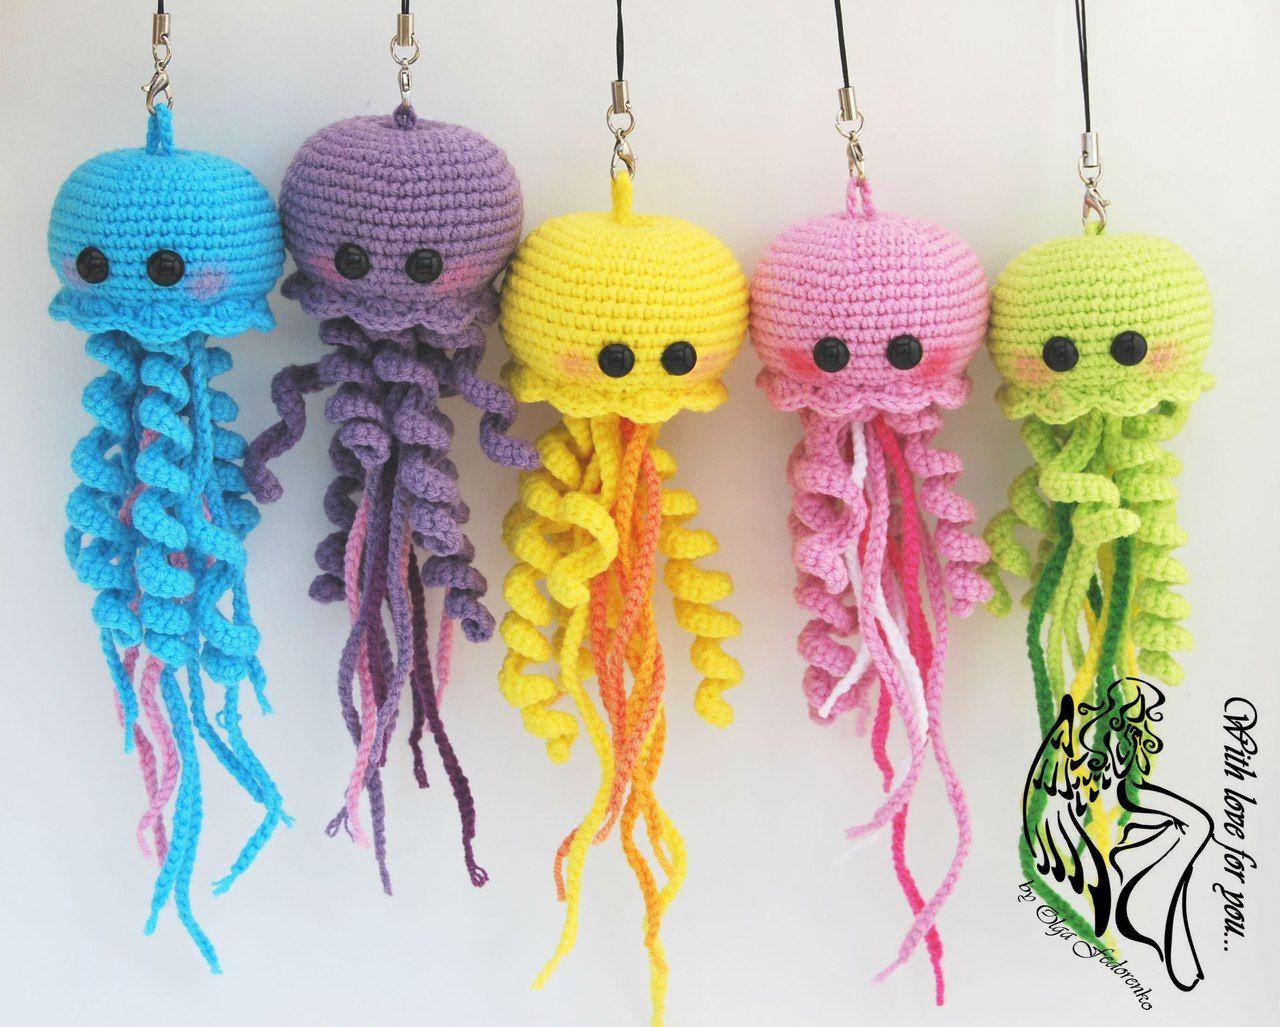 схемы амигуруми вязаных игрушек крючком бесплатно